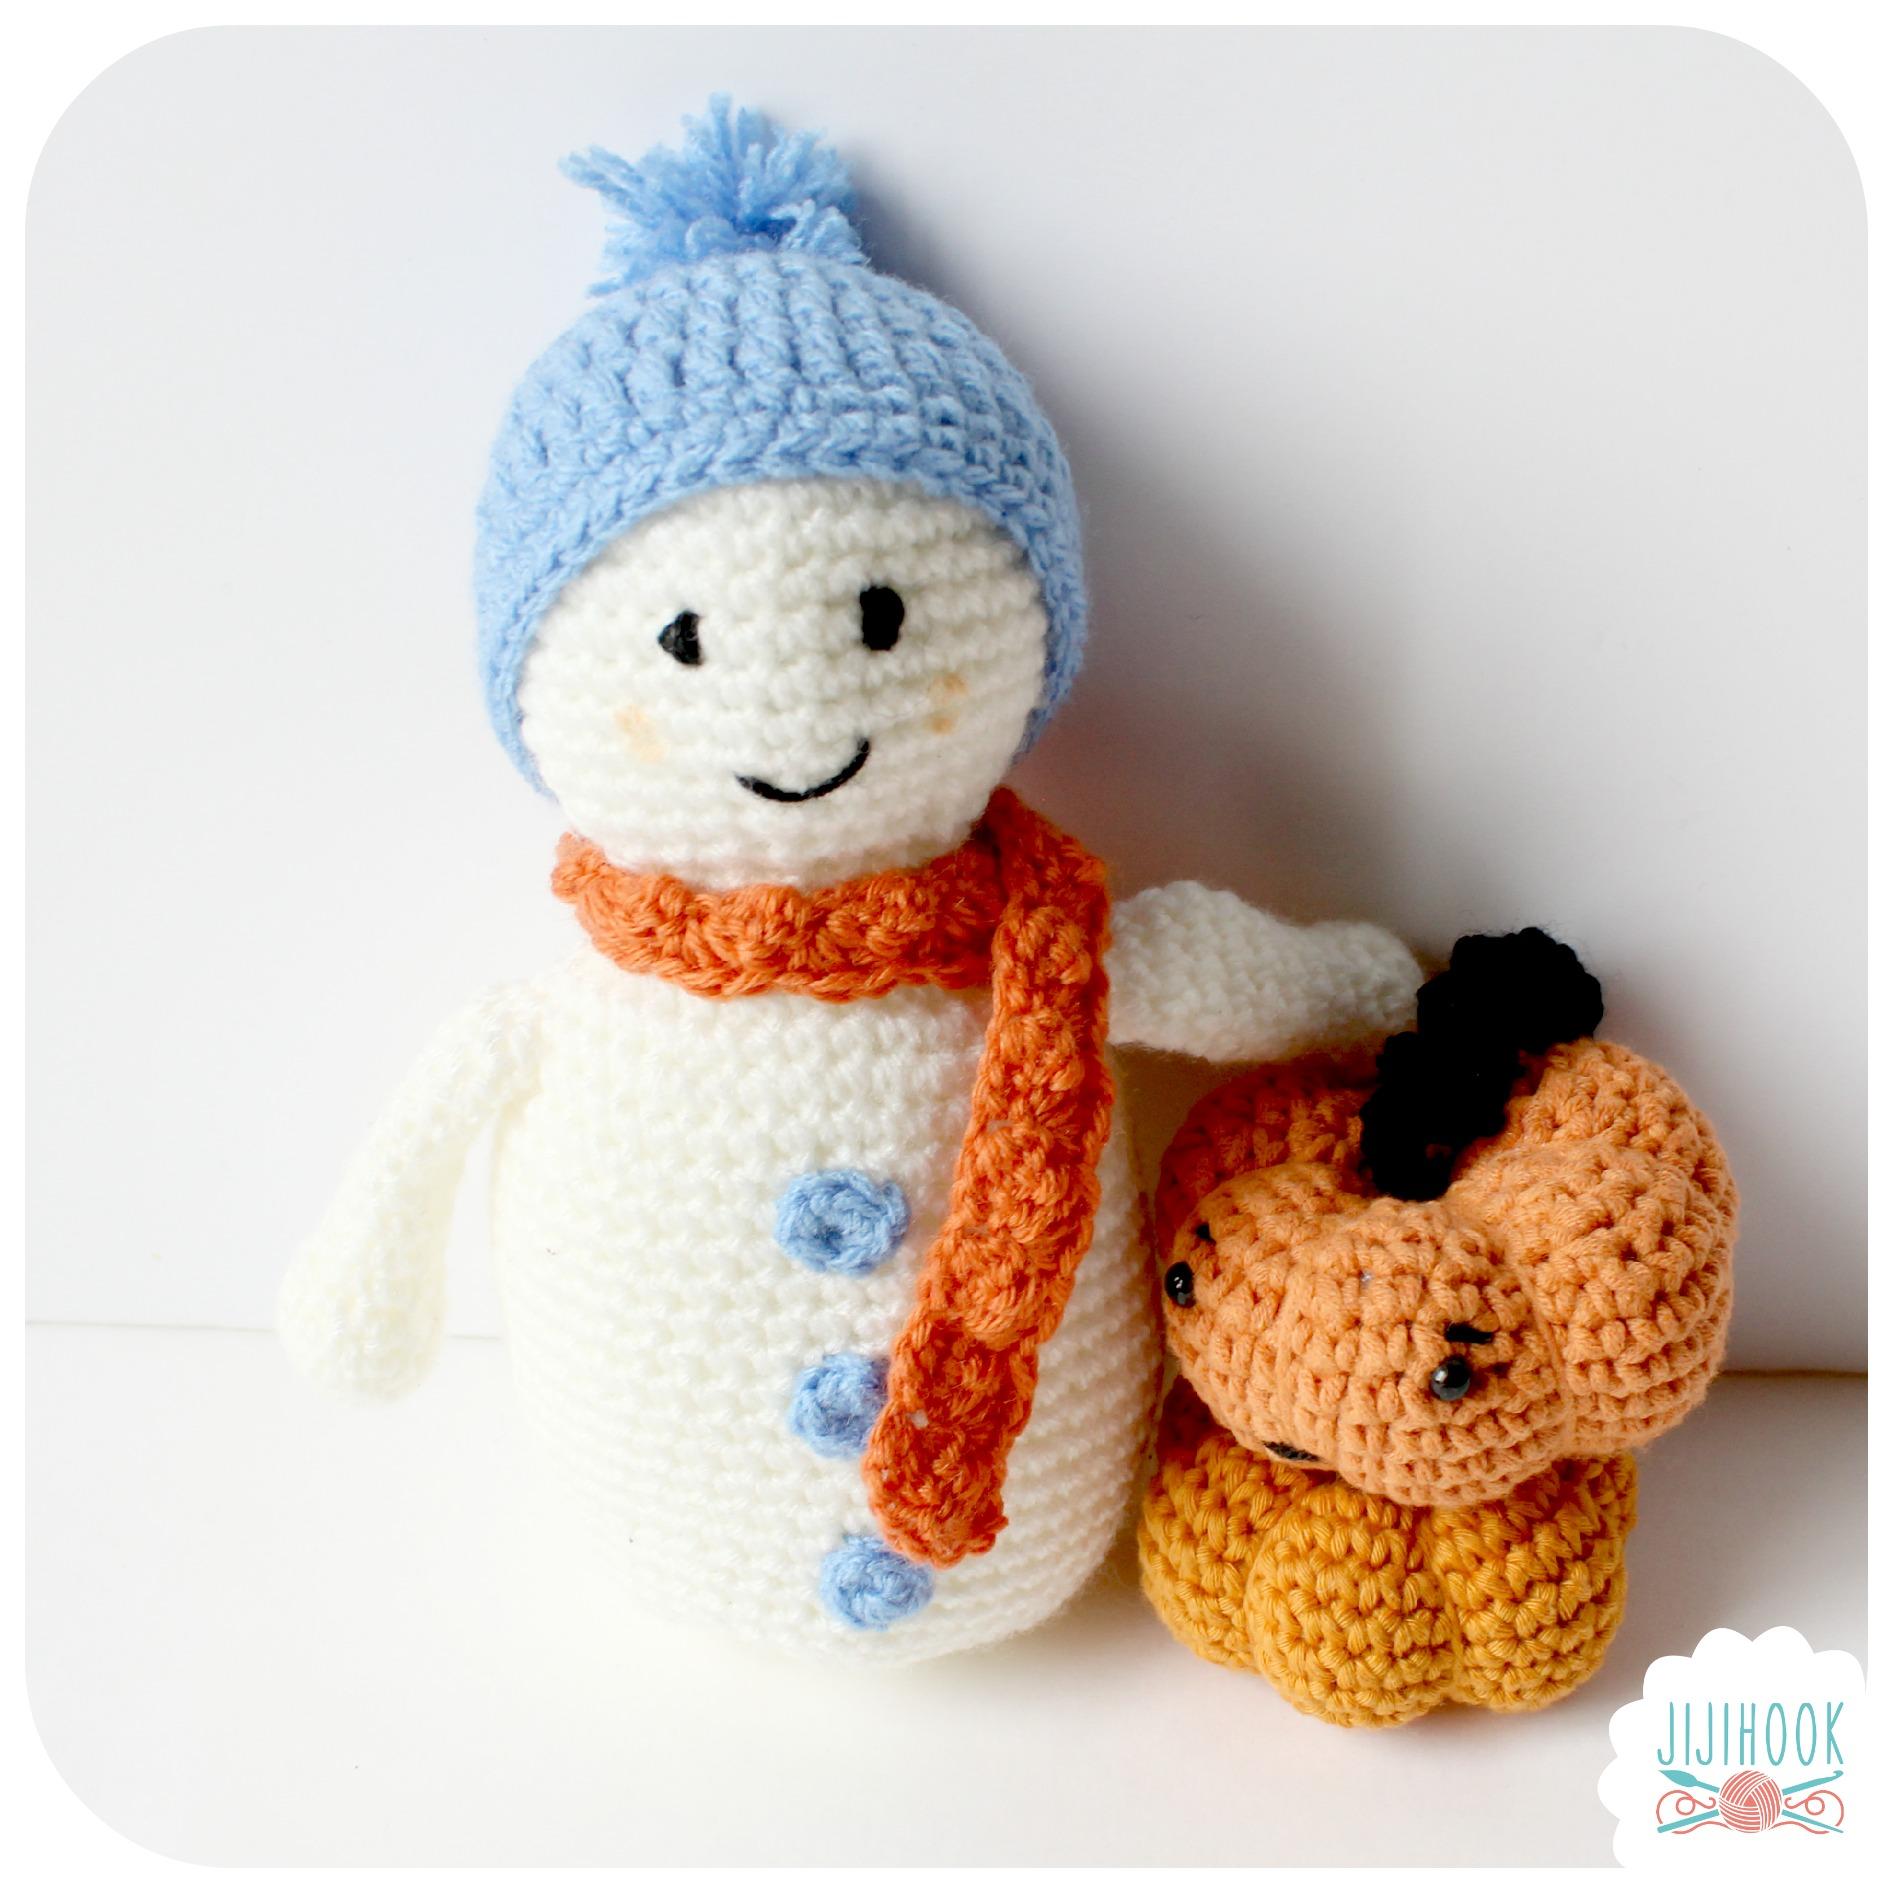 Bonhomme de neige en crochet jiji hook - Bonhomme de neige au crochet ...